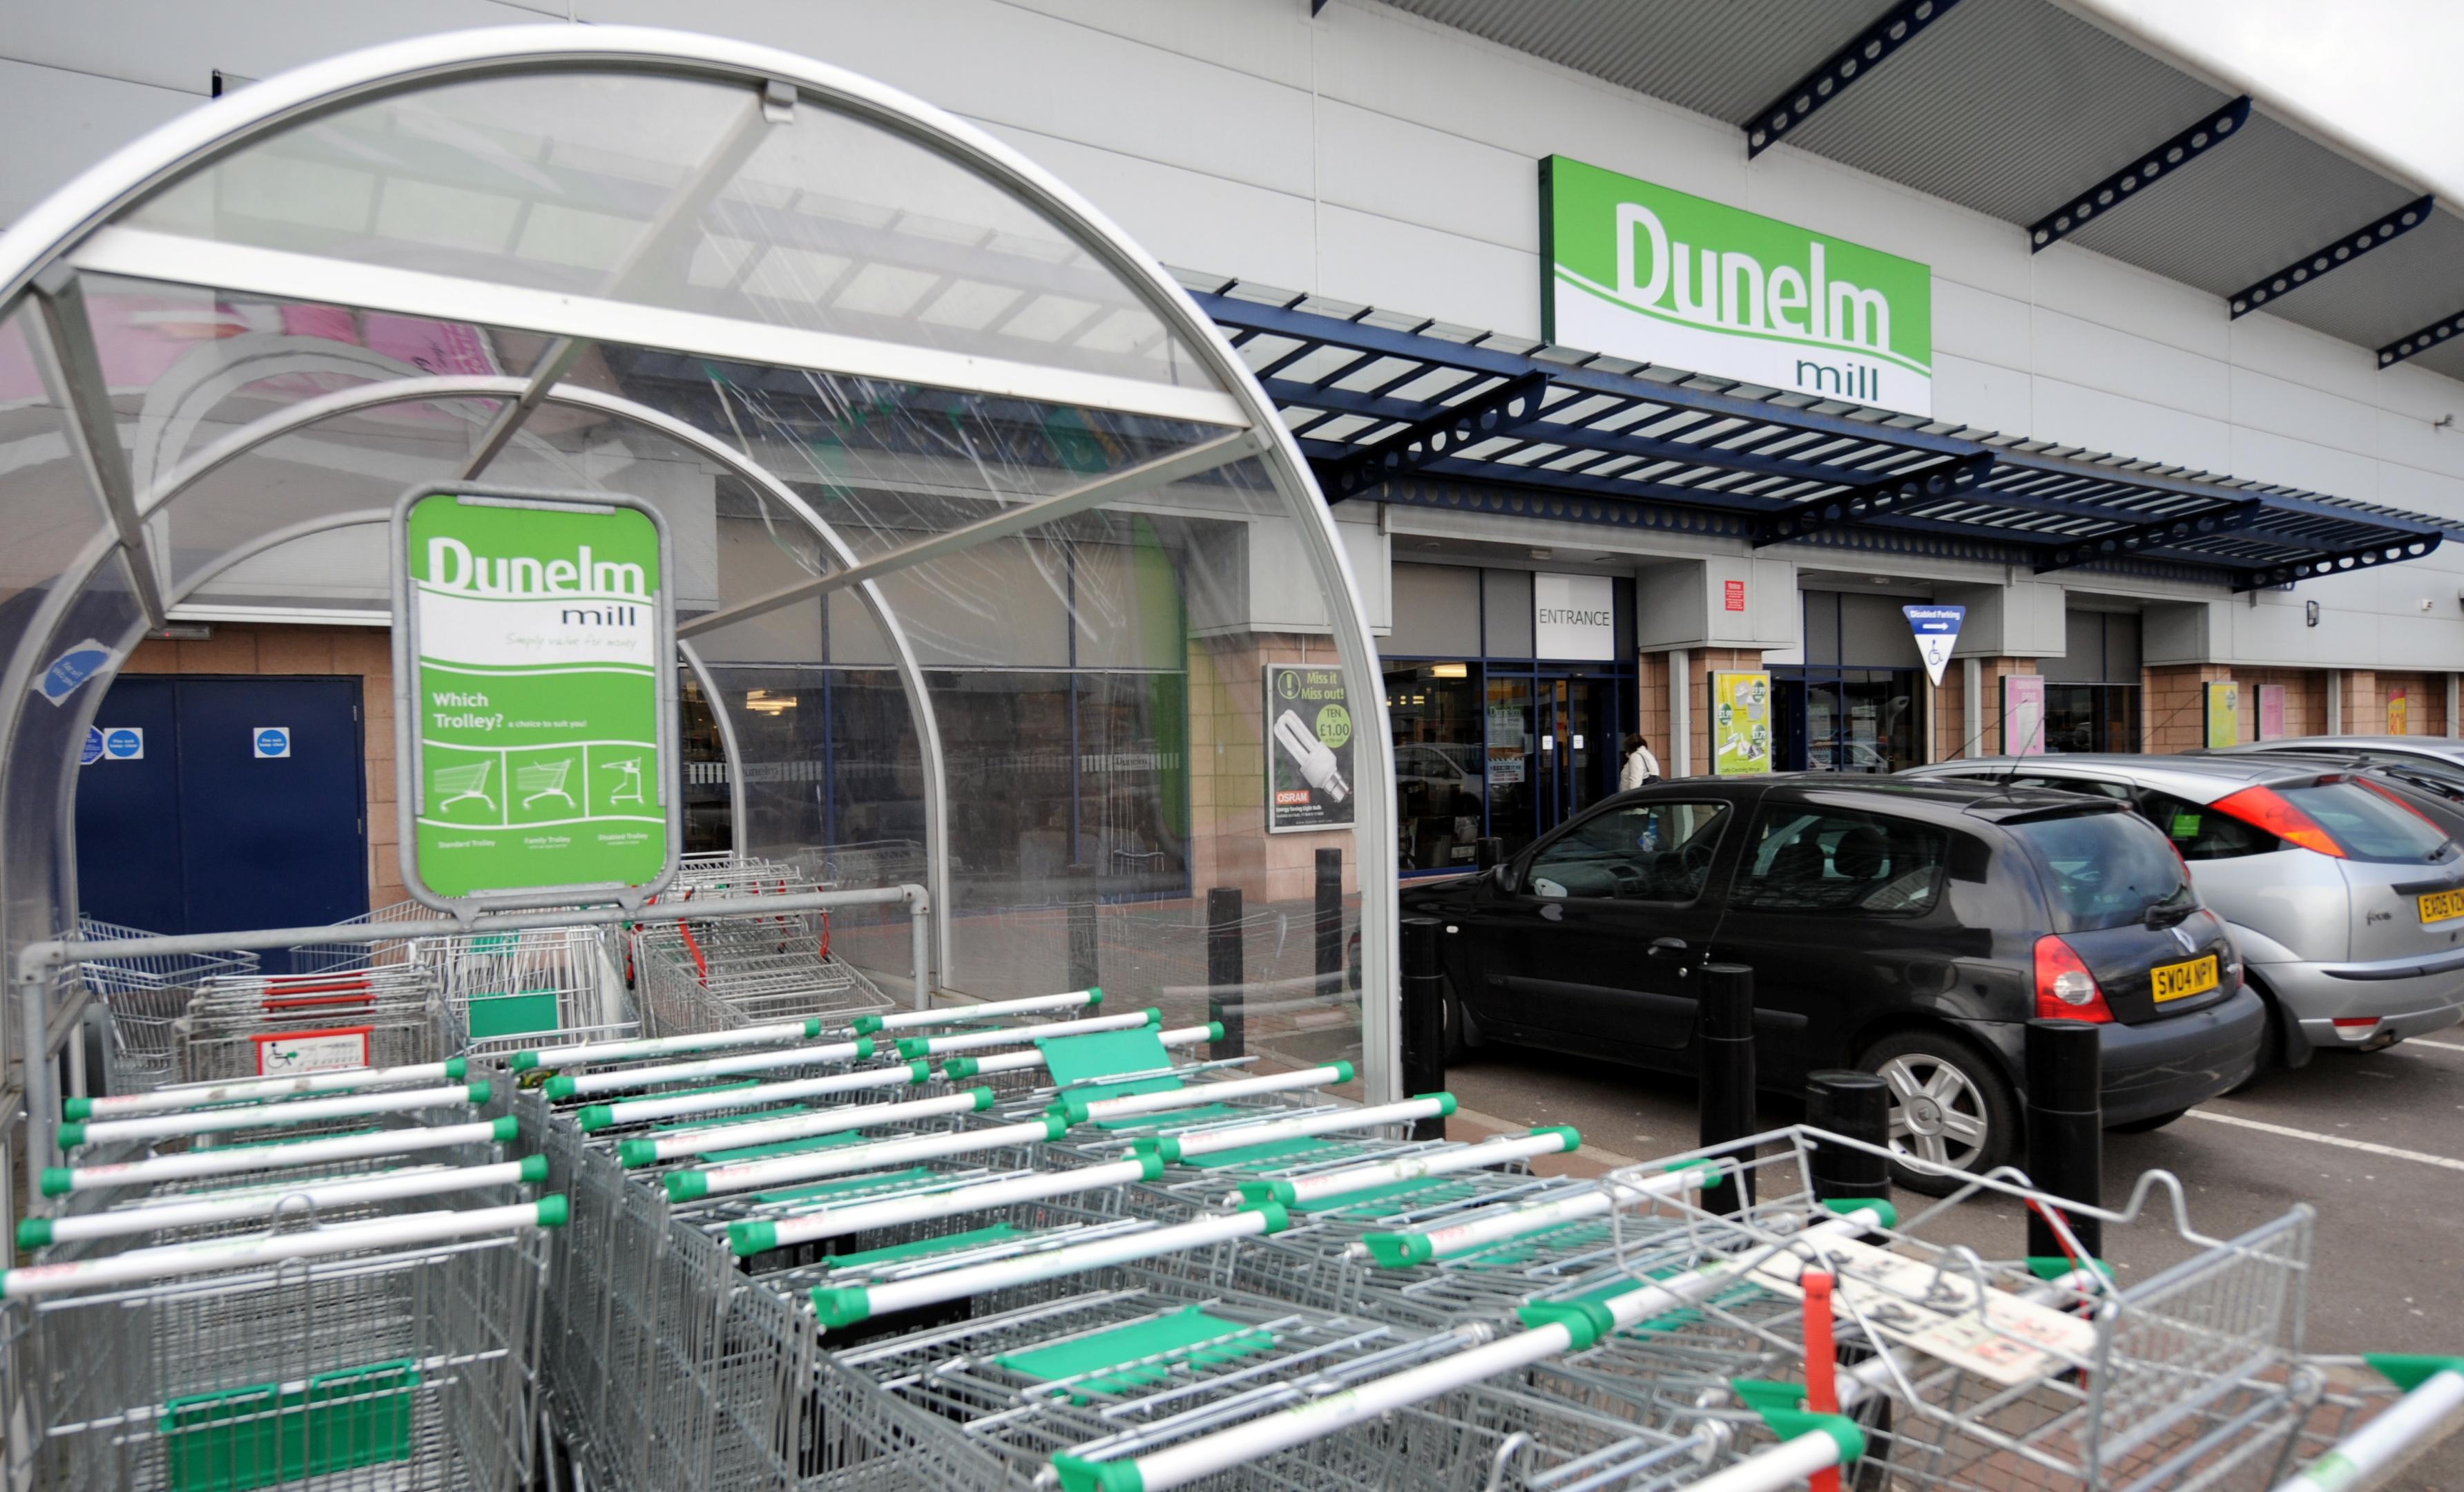 Dunelm at Boulevard Retail Park, Links Road, Aberdeen.